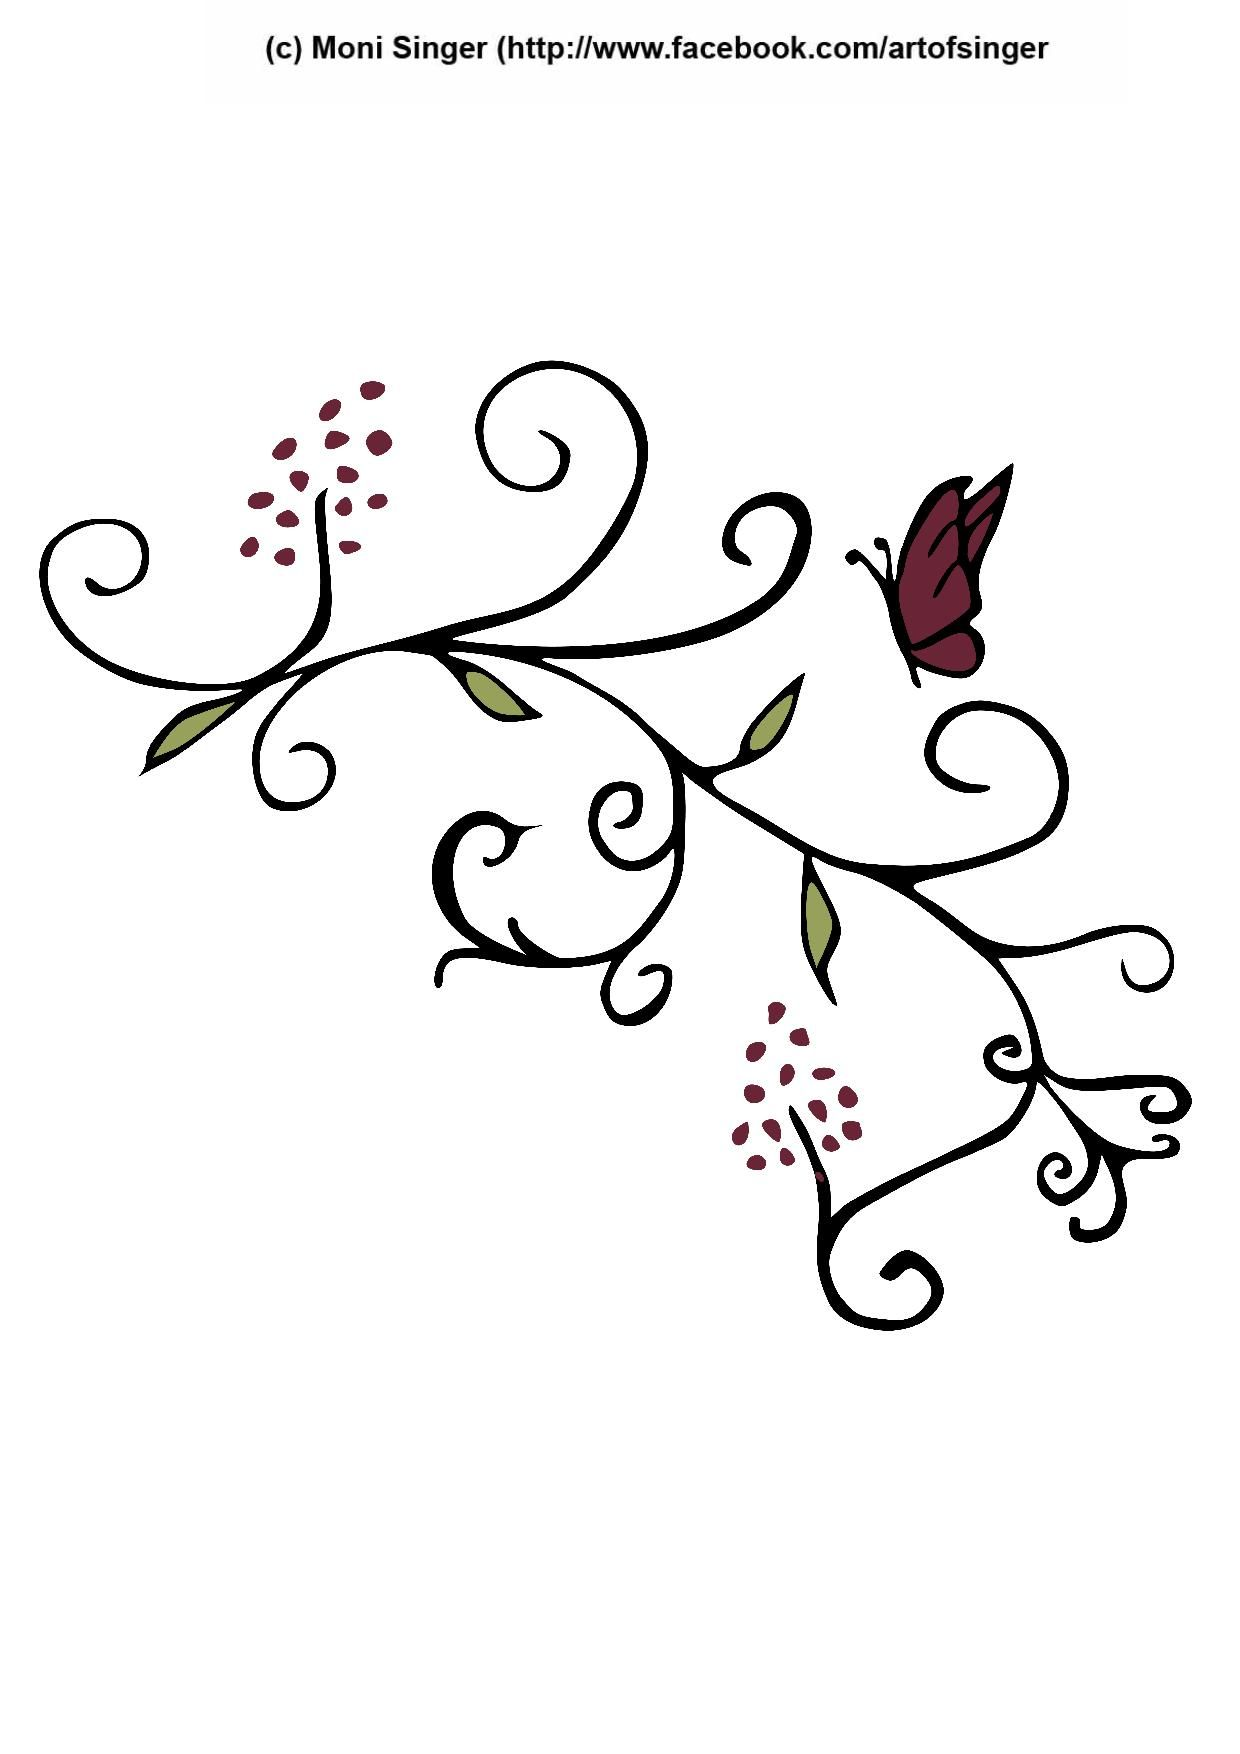 Silhouette Plotter File Free Plotter Datei Kostenlos Plotter Freebie Flower Blumen Ornamente Ornamente Vorlagen Clipart Kostenlos Vorlagen